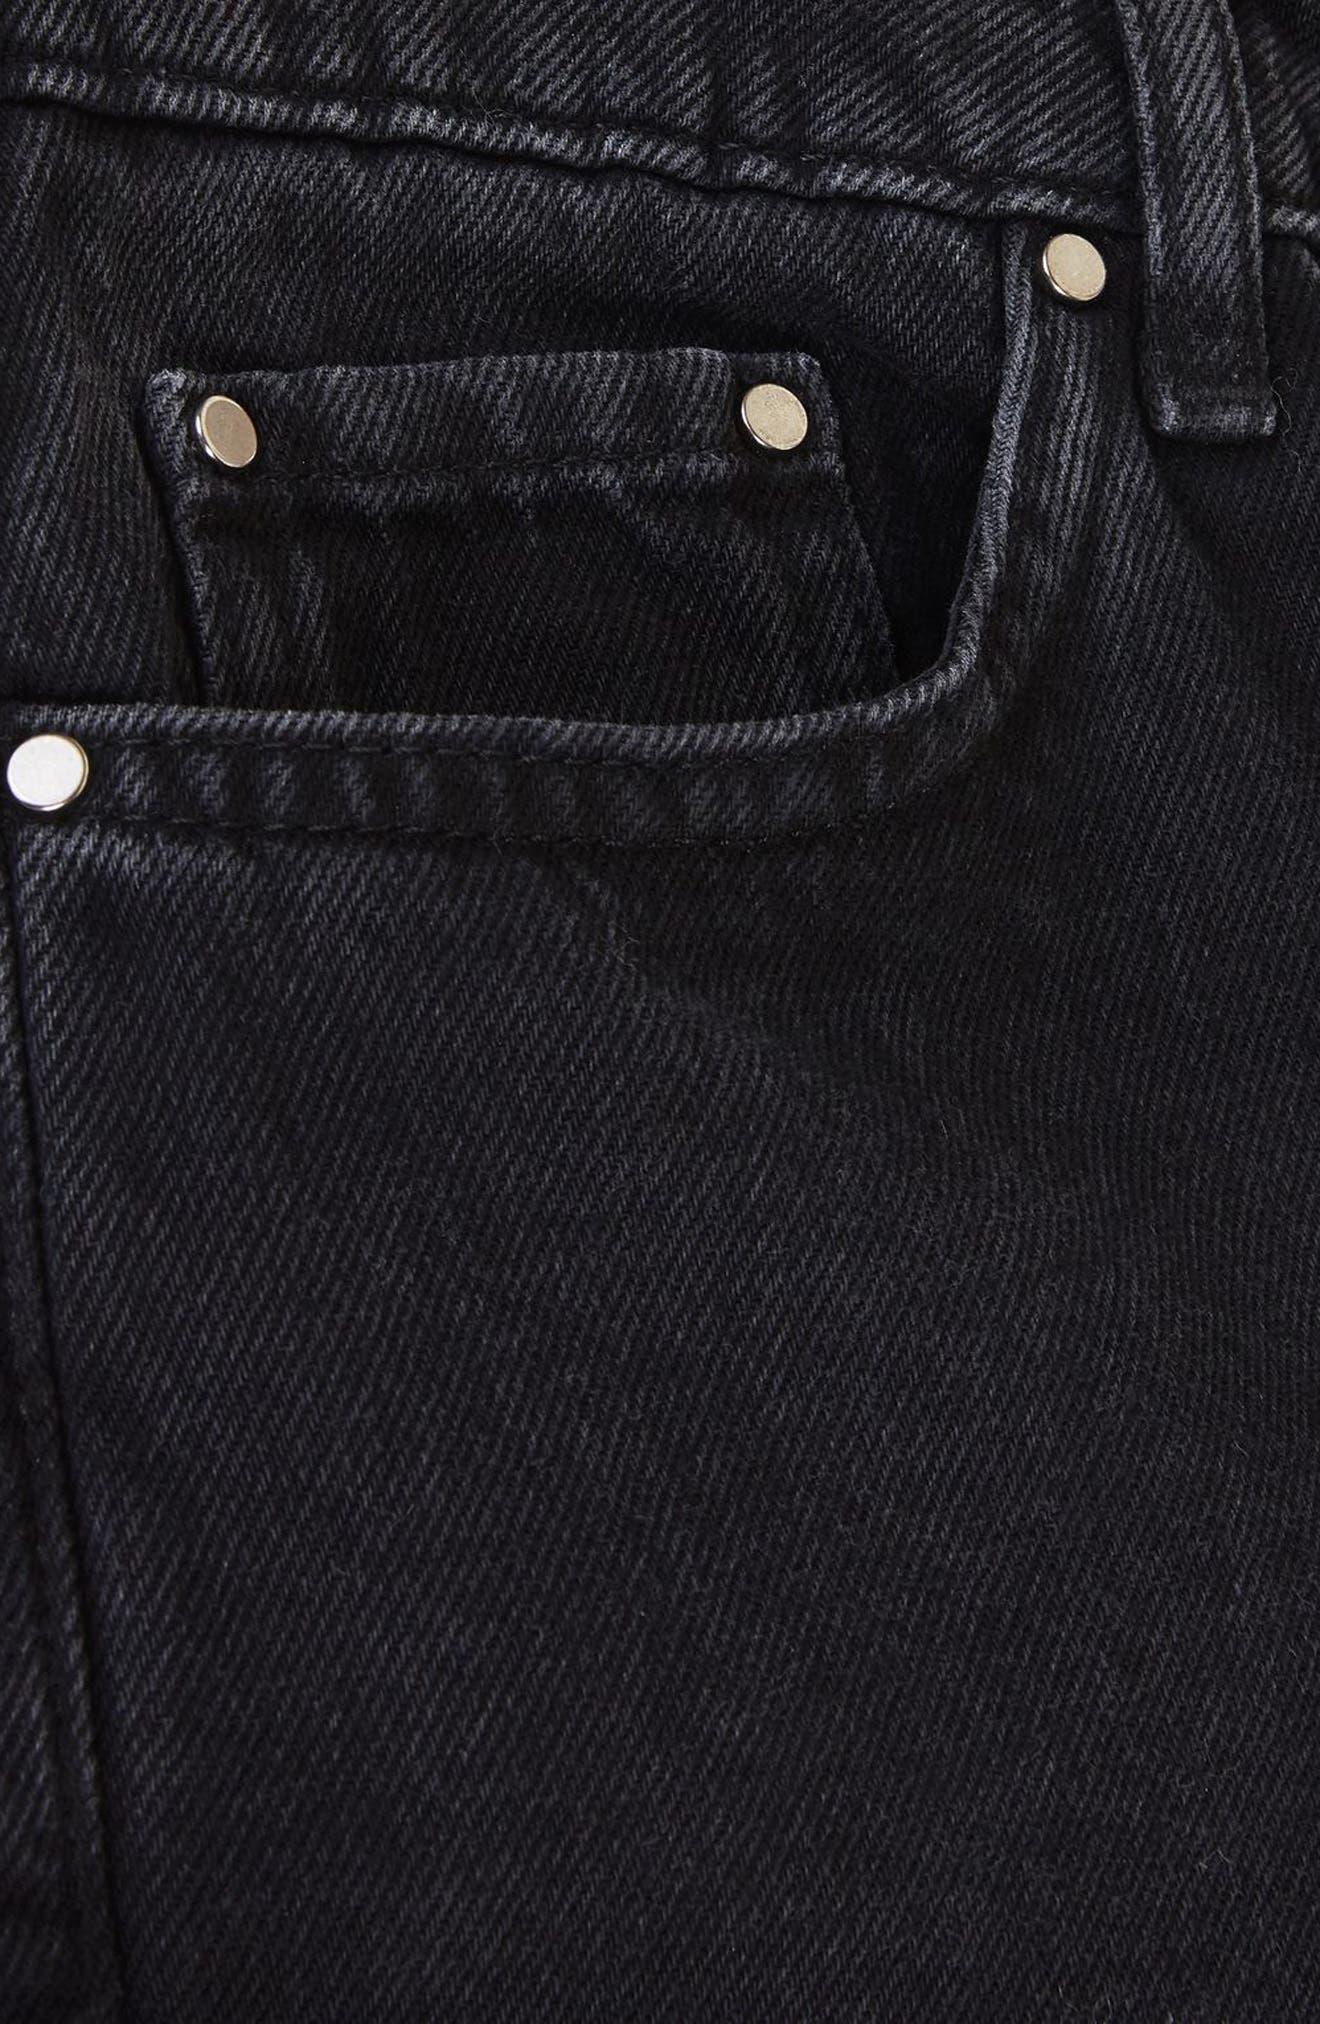 Alternate Image 5  - Topshop Boutique Boyfriend Jeans